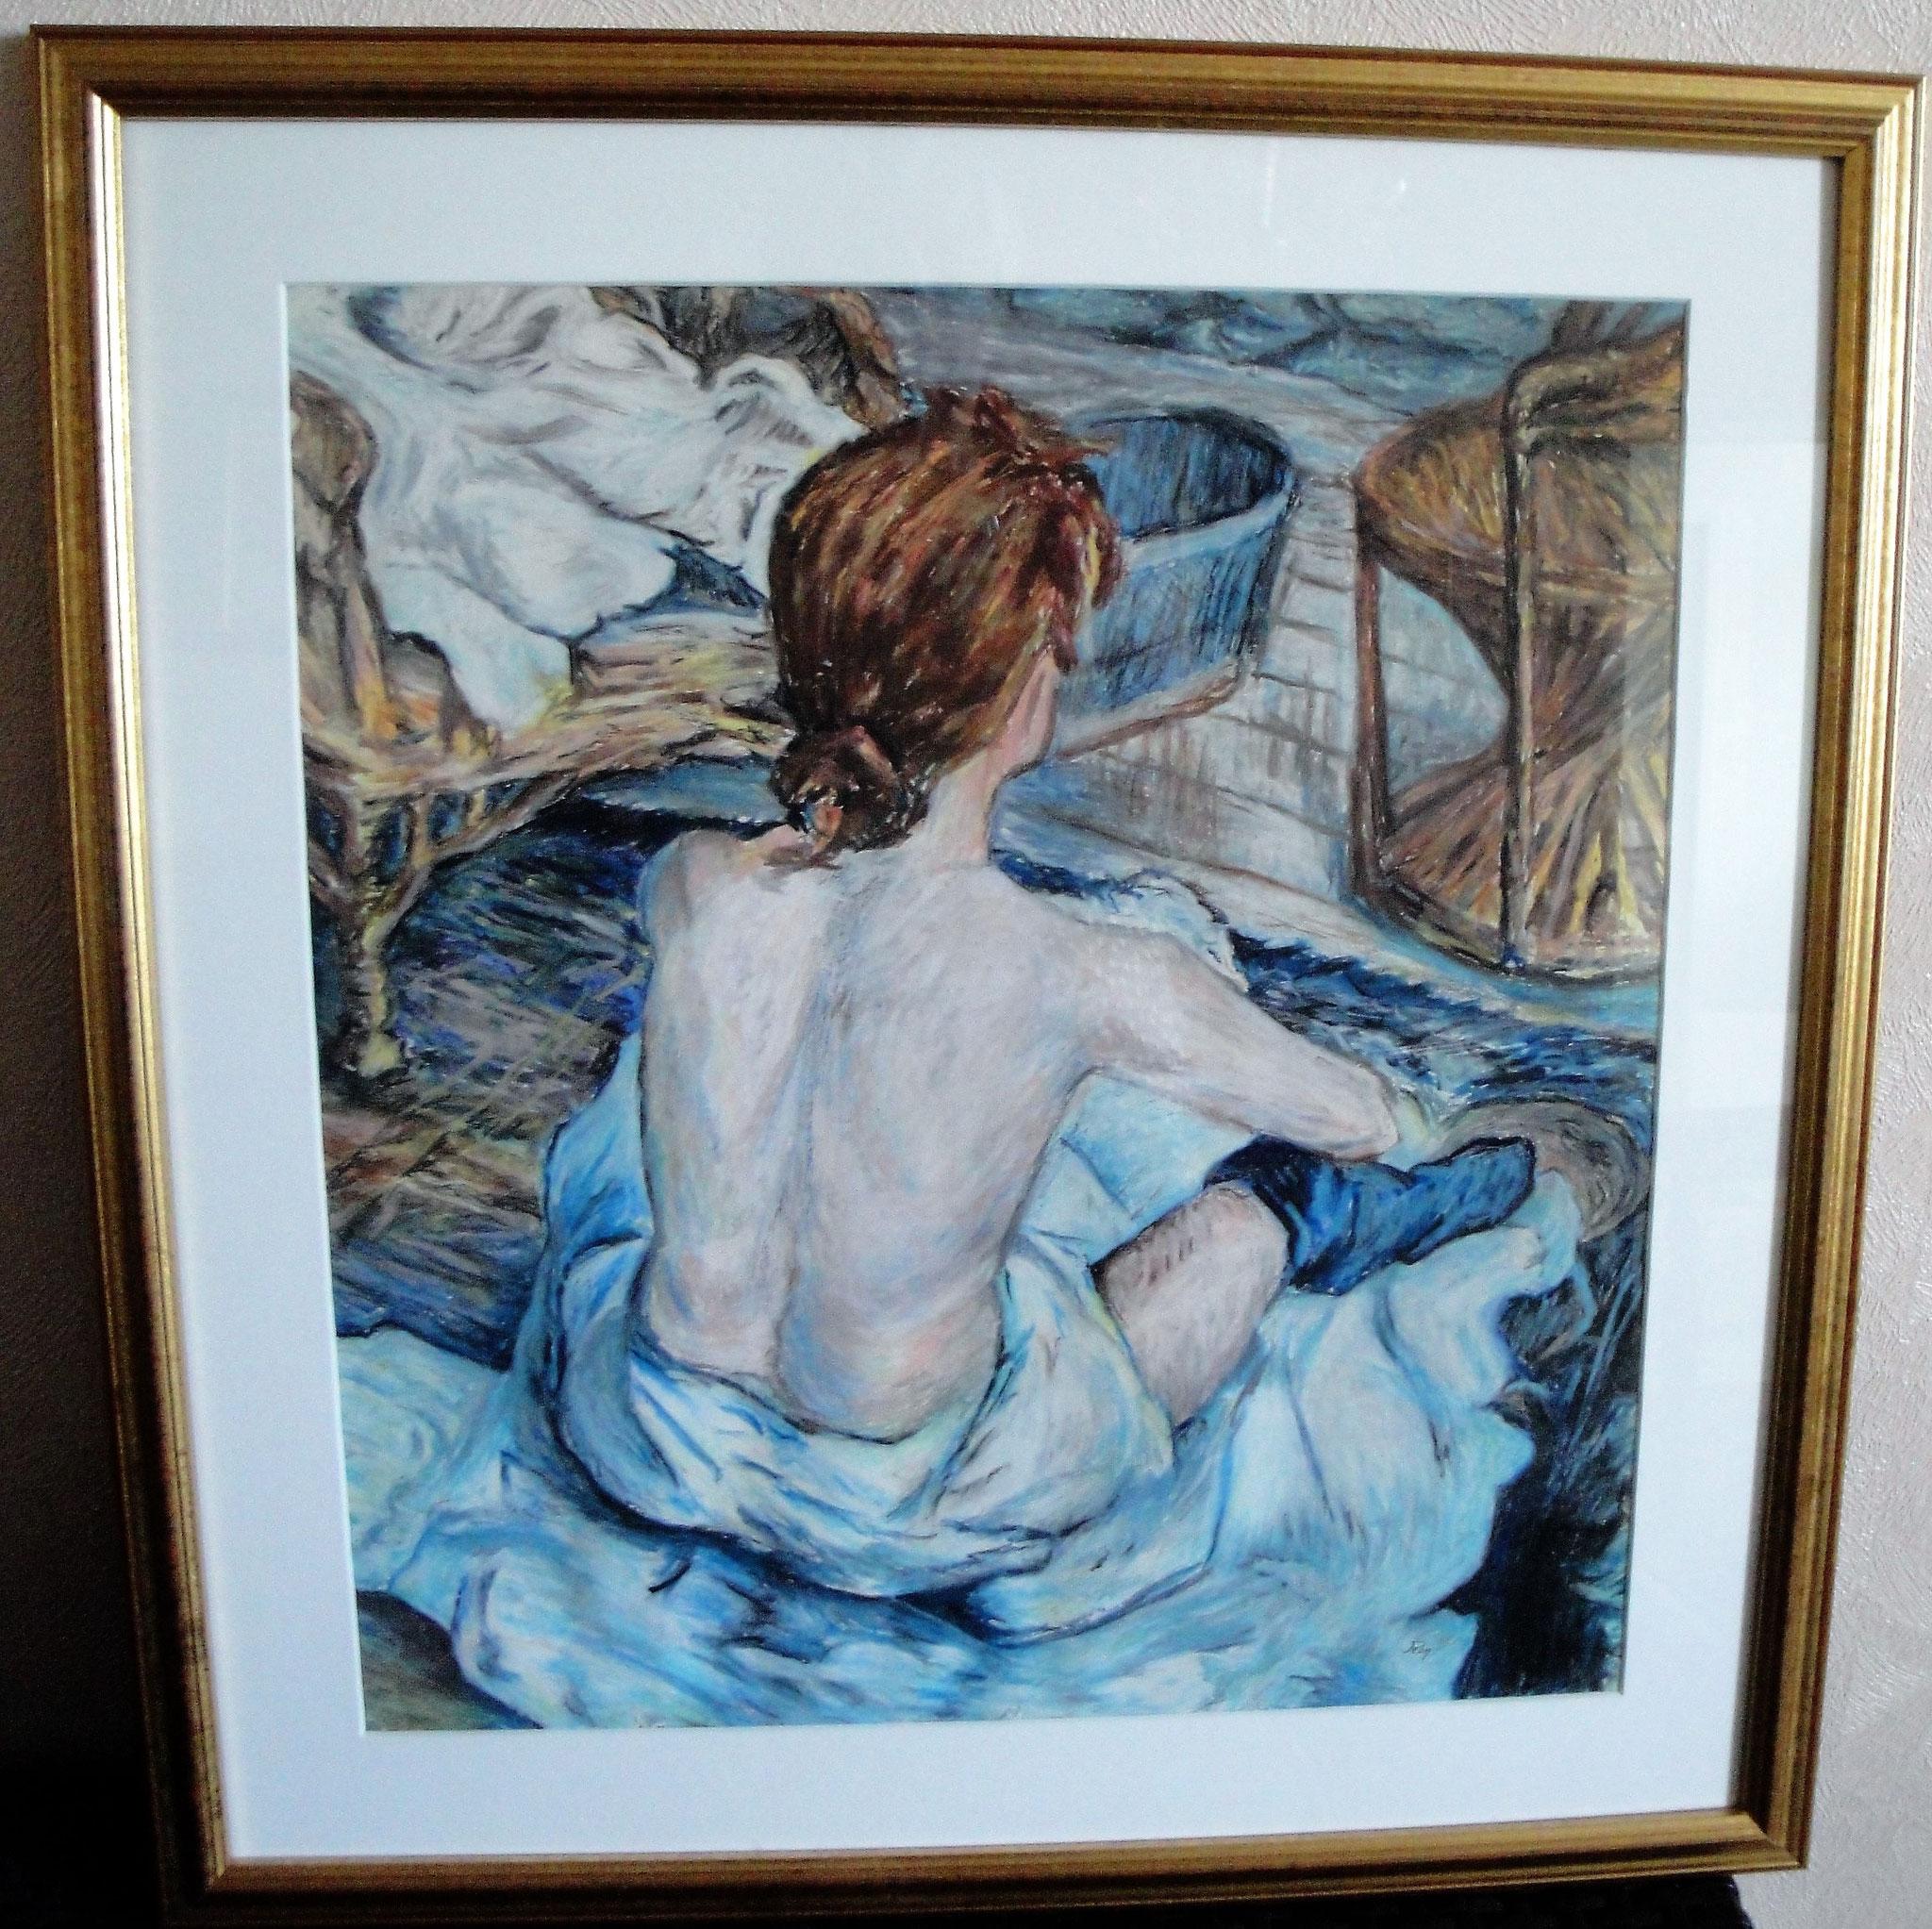 d'après Toulouse Lautrec